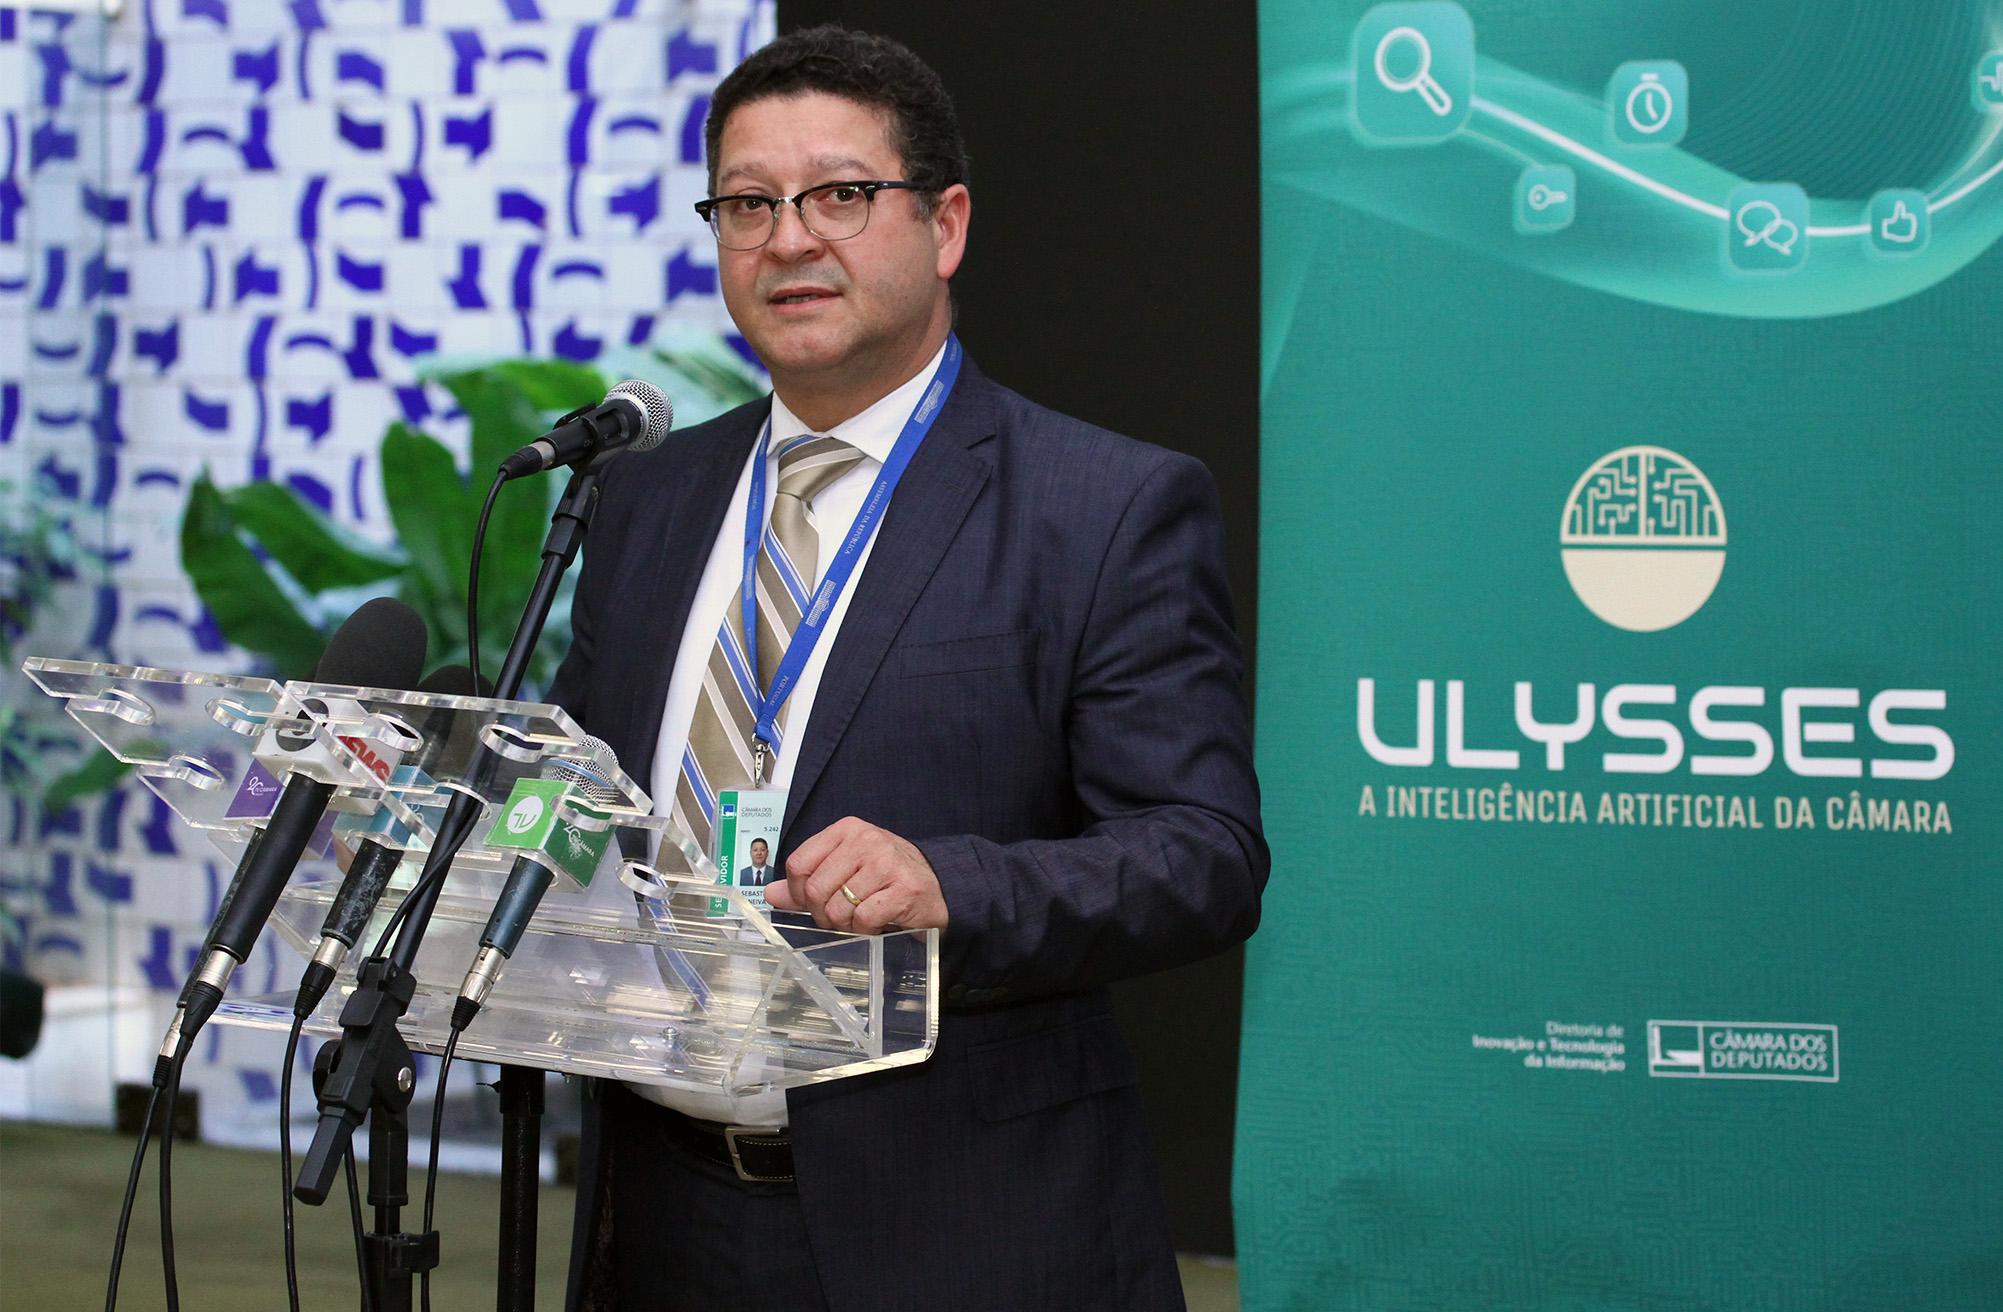 Lançamento Robô Ulysses